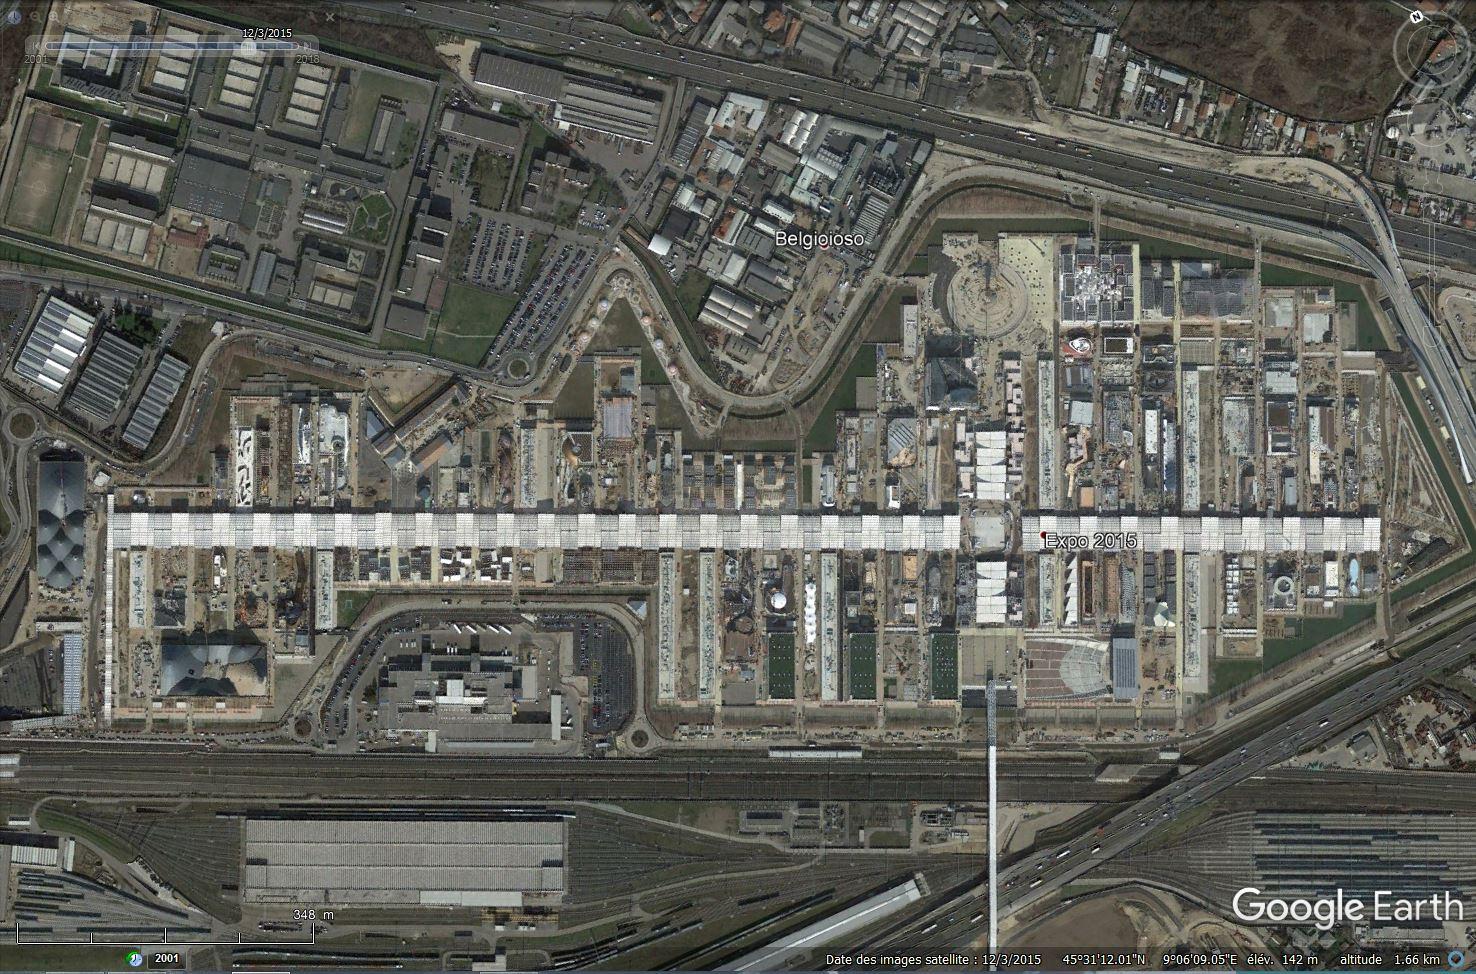 [Désormais visible dans Google Earth] L'Exposition Universelle 2015 à Milan - Italie Tsge_184